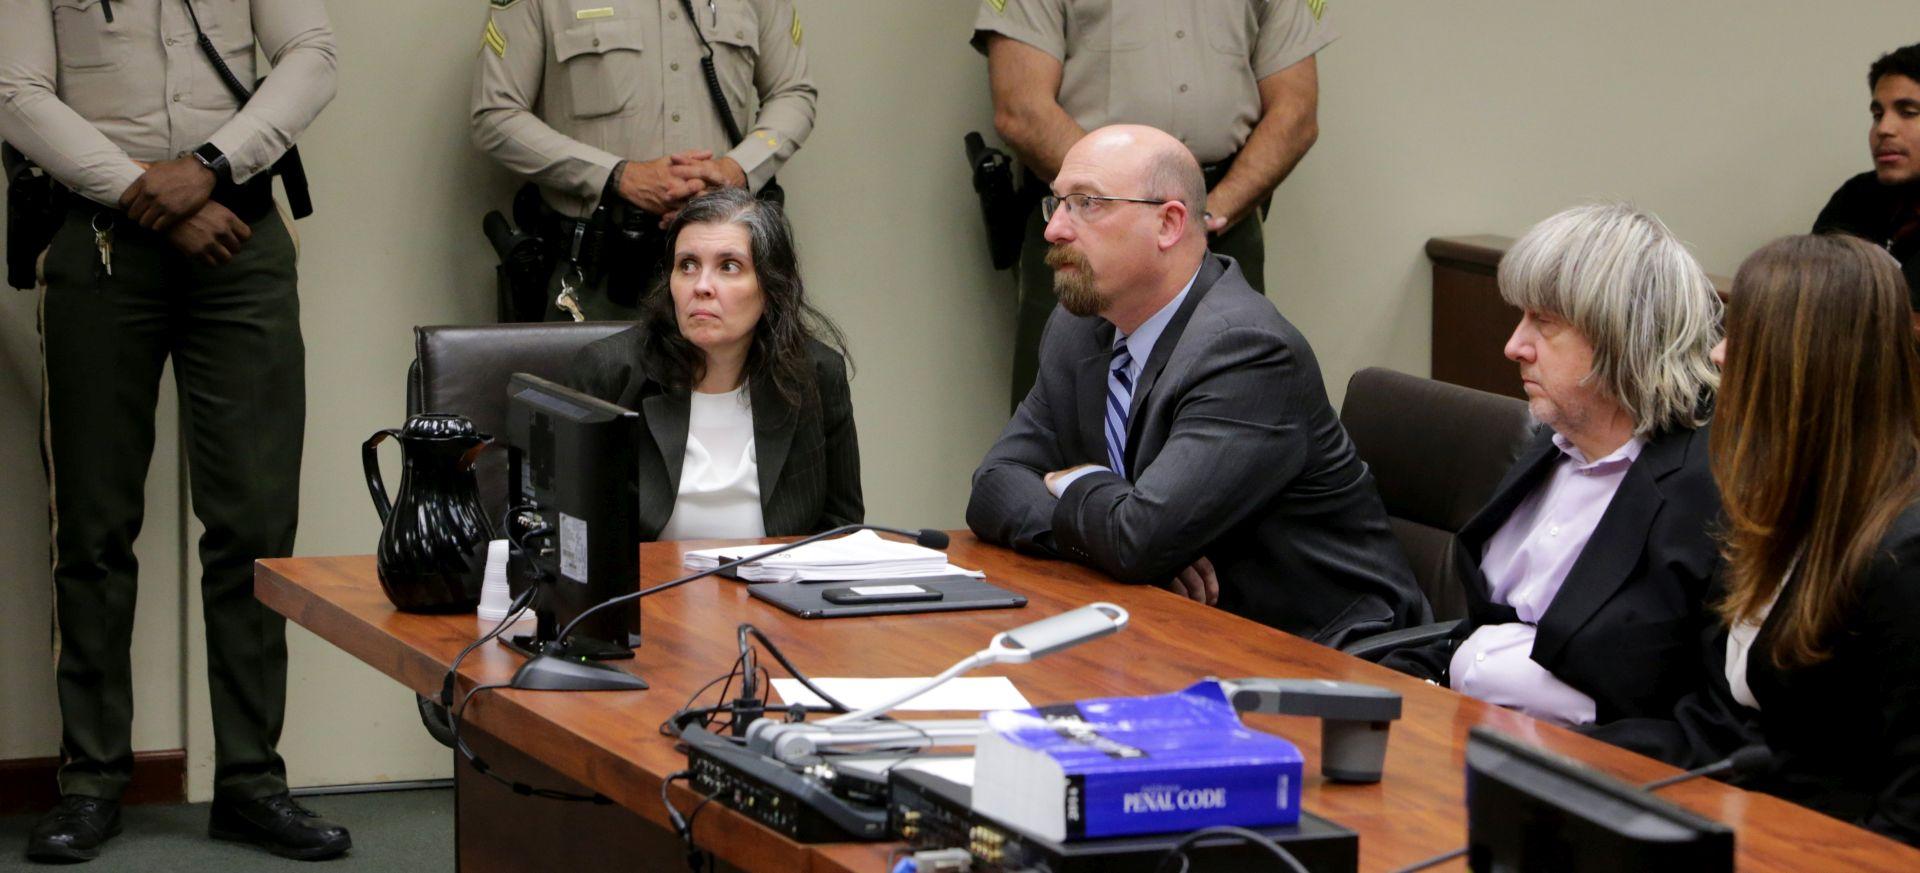 Objavljeni detalji mučanja djece u kalifornijskoj 'kući užasa'